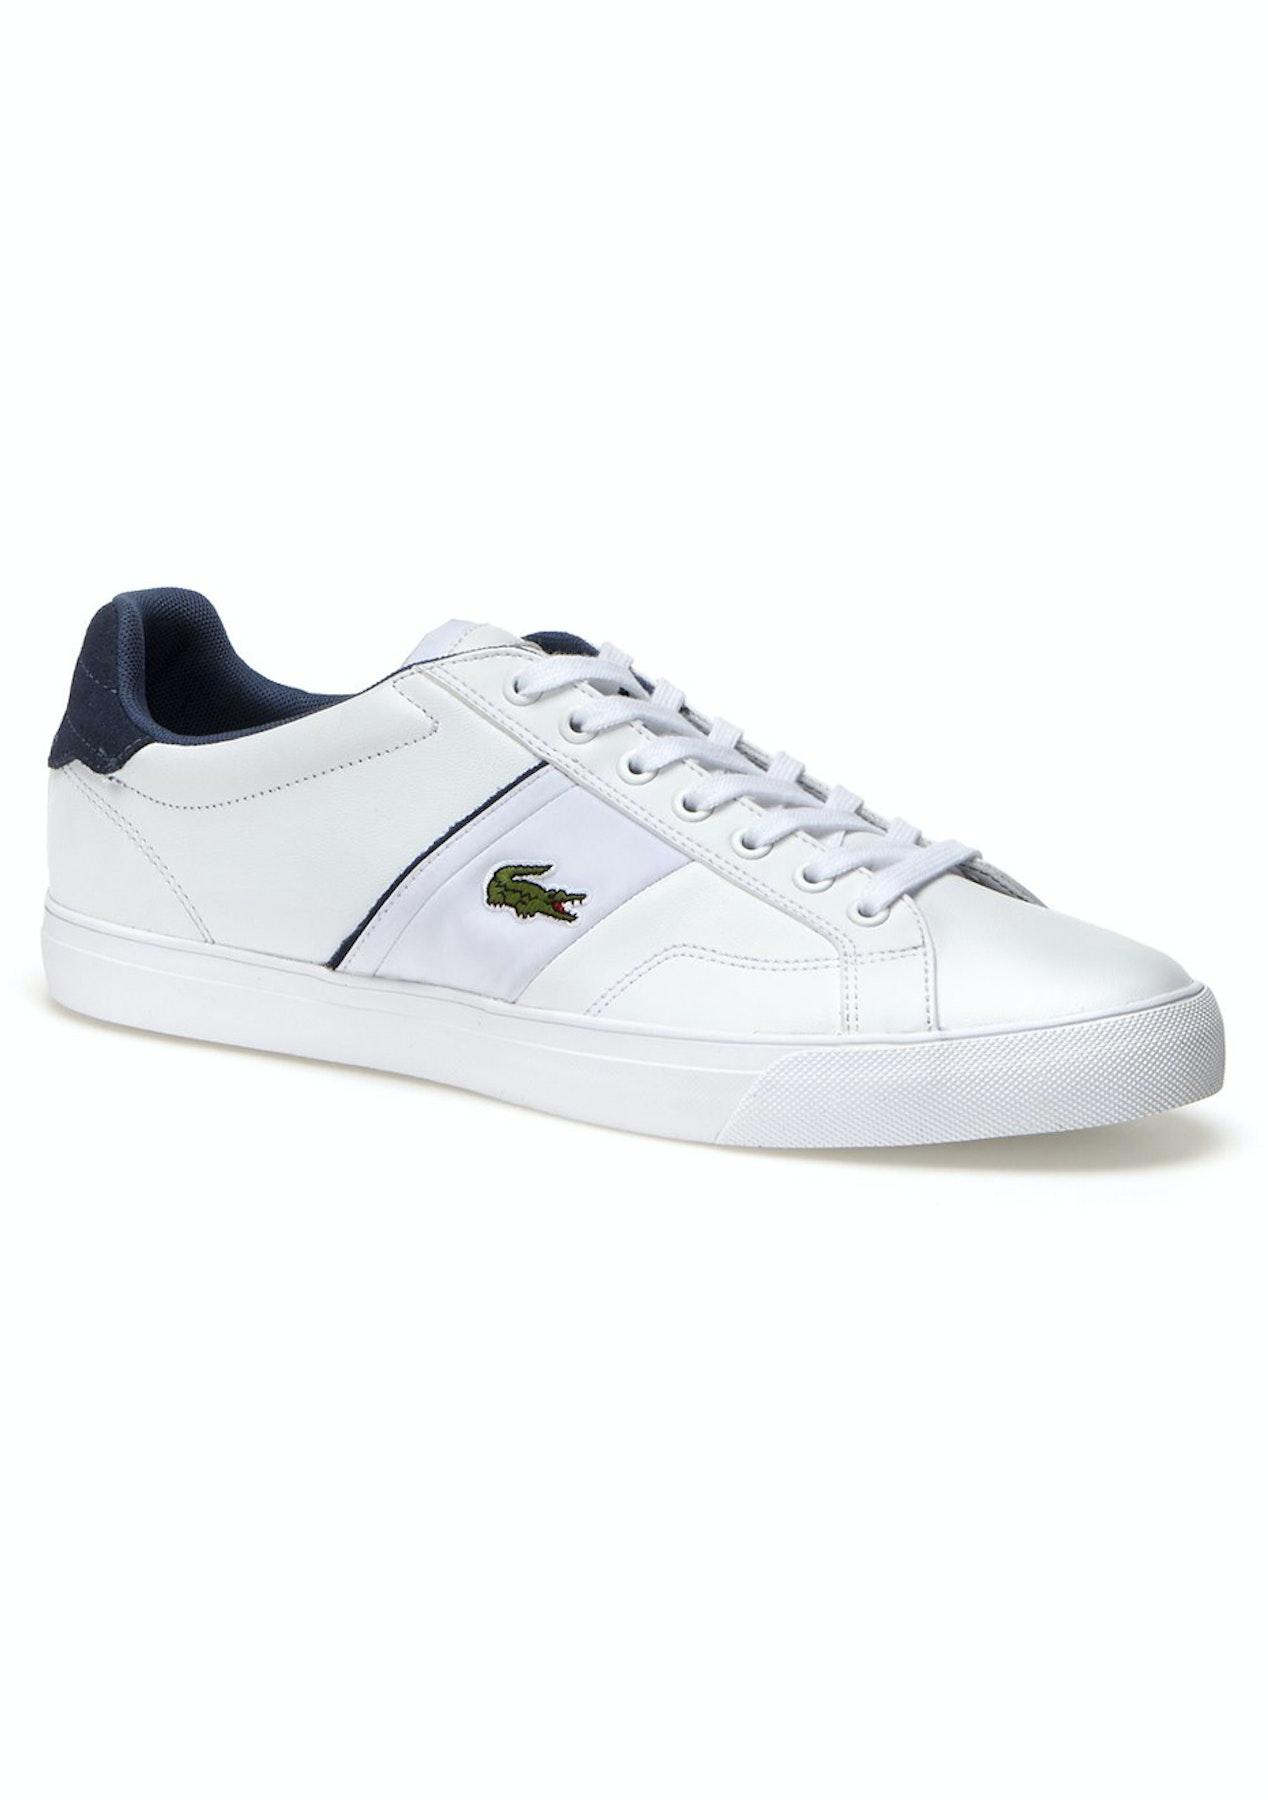 70151c5b8dcdc7 Mens Lacoste - Fairlead 316 1 - White - Mens Shoe Sale - Onceit